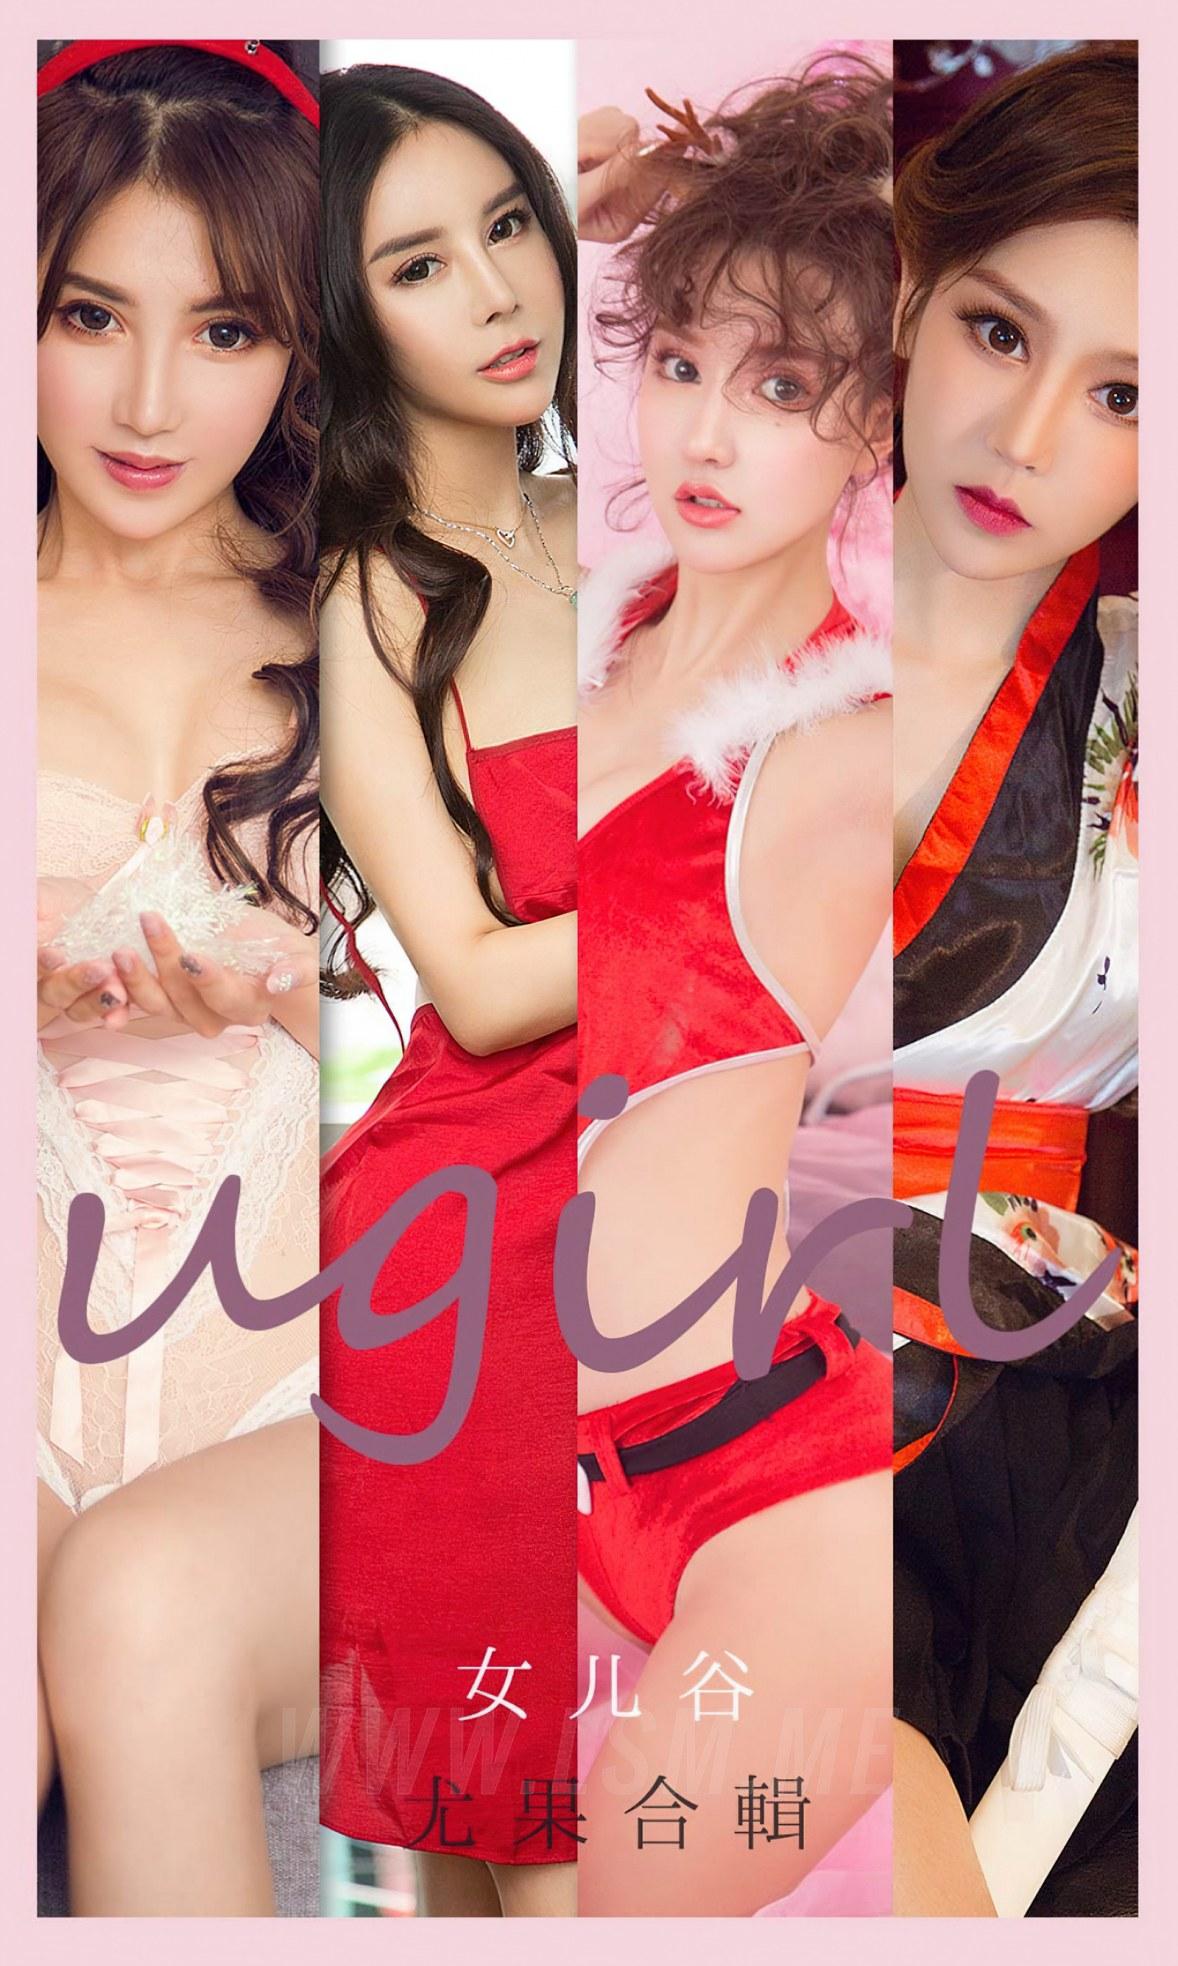 UGirls 爱尤物 No.2053 模特合辑 雪千寻 夏雨霏 - 1